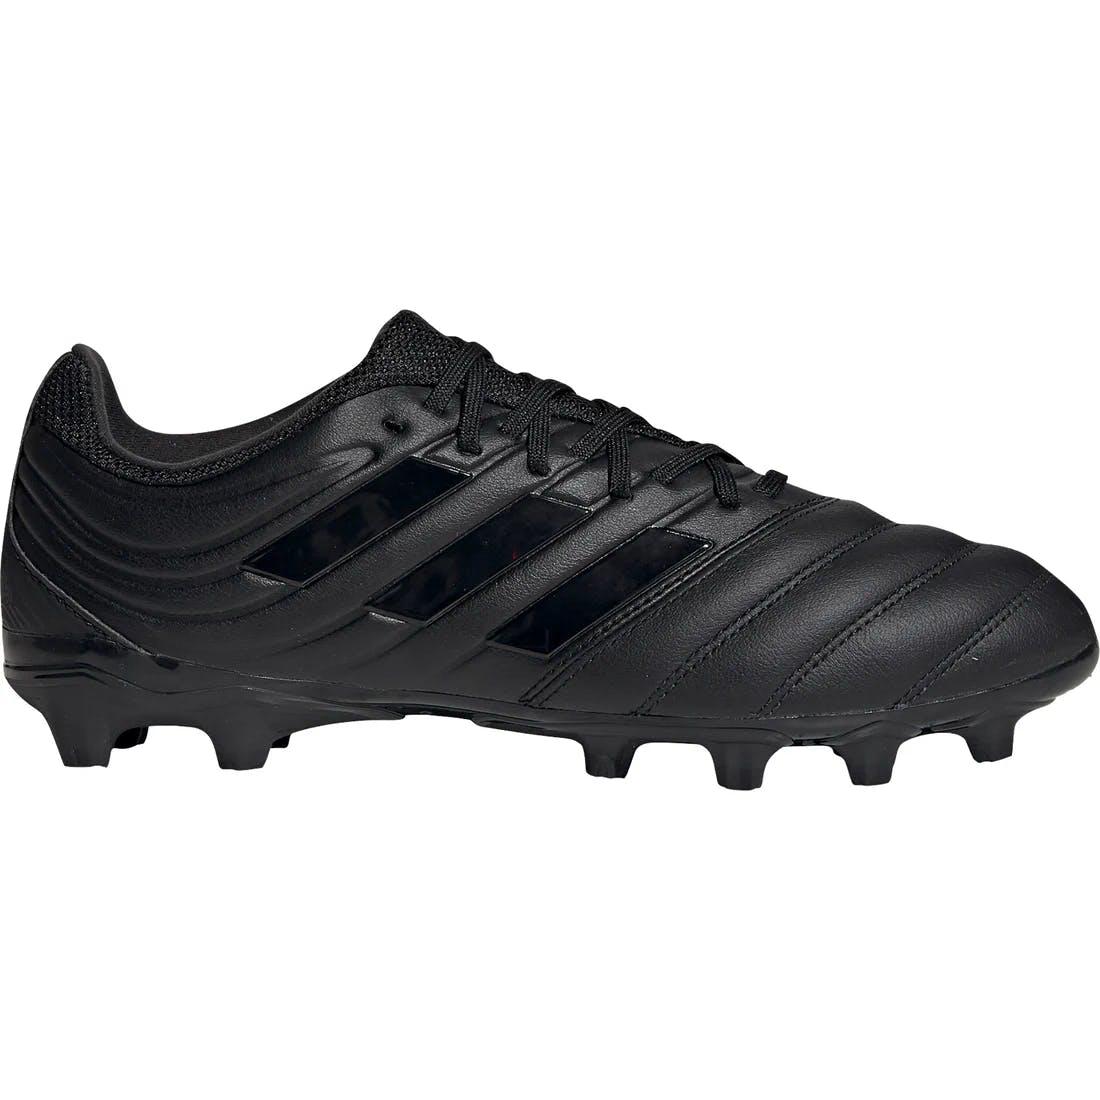 Adidas HERREN FUSSBALLSCHUHE COPA 20.3 MG ( Gr. 41 1/3 - 44 2/3 ) für 29,99 € + 3,90 € VSK